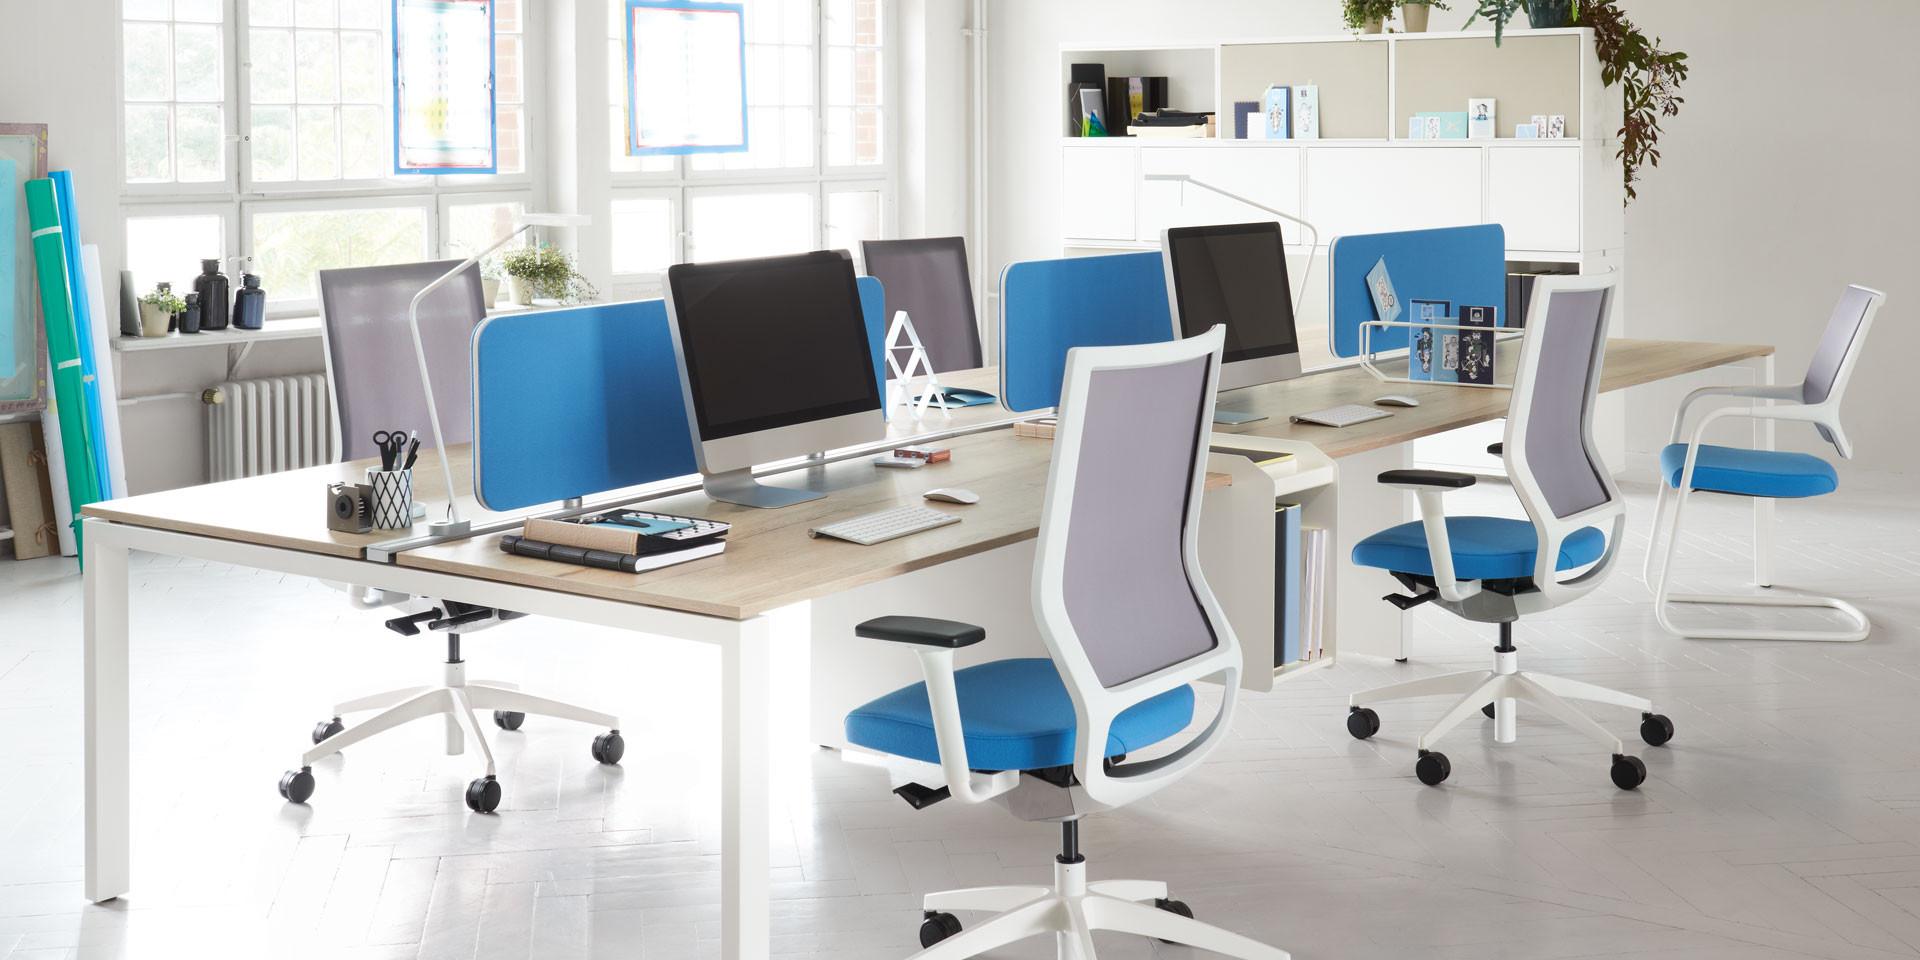 Sedus Get Together Office Bench Desk